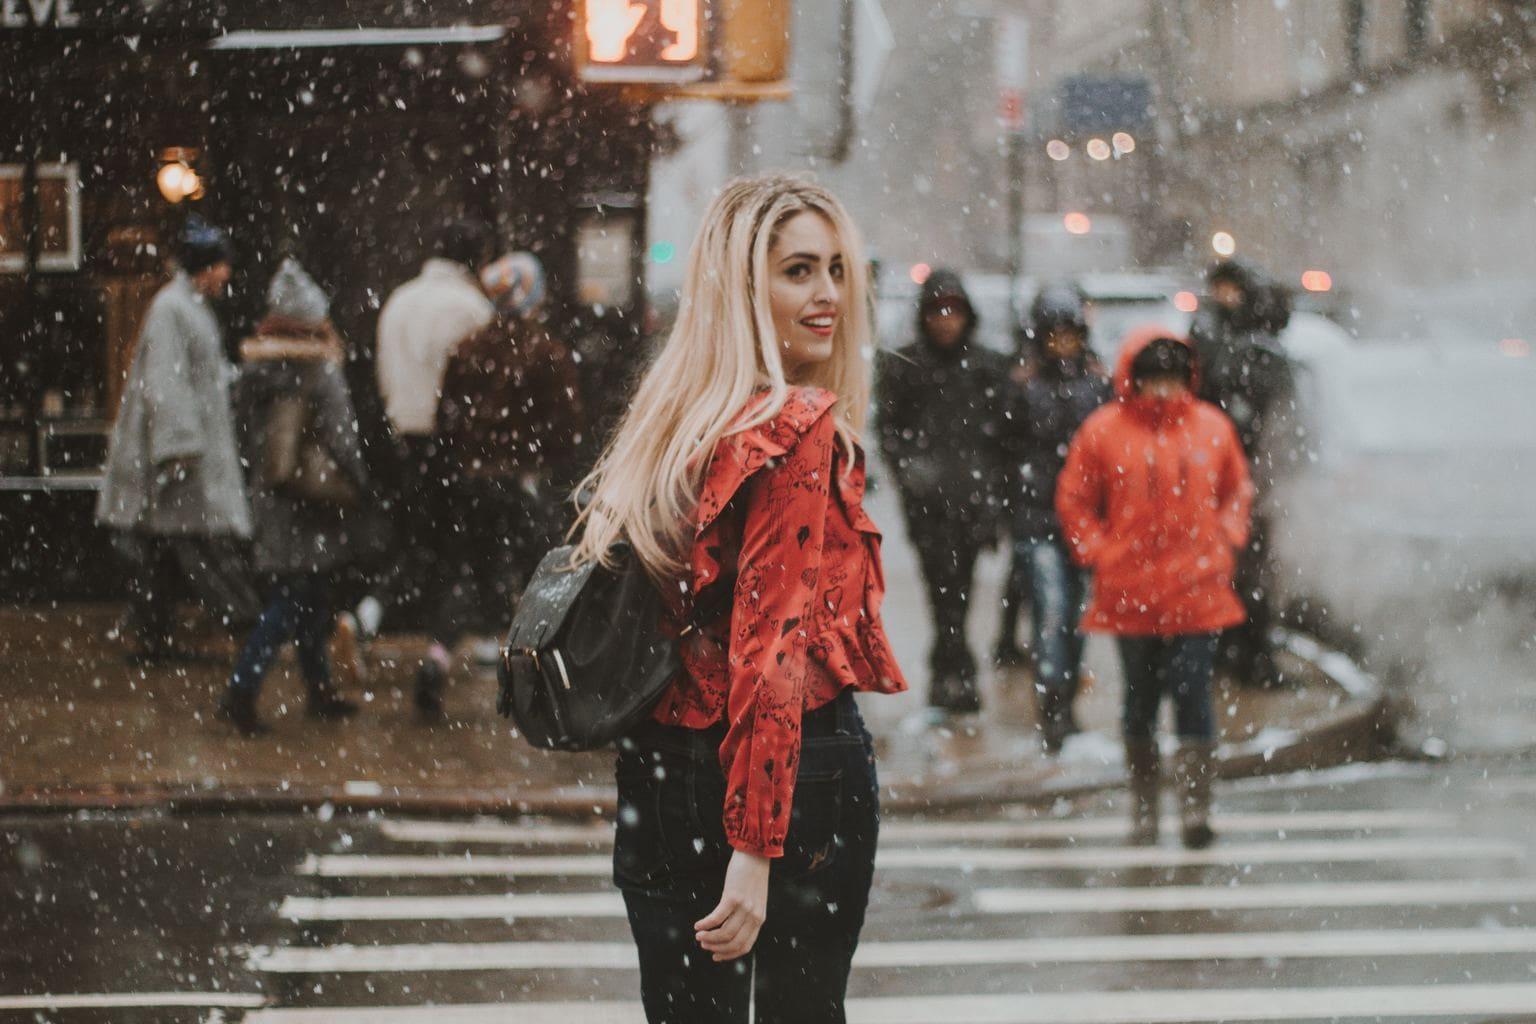 Mujer de rojo cruzando paso de peatones